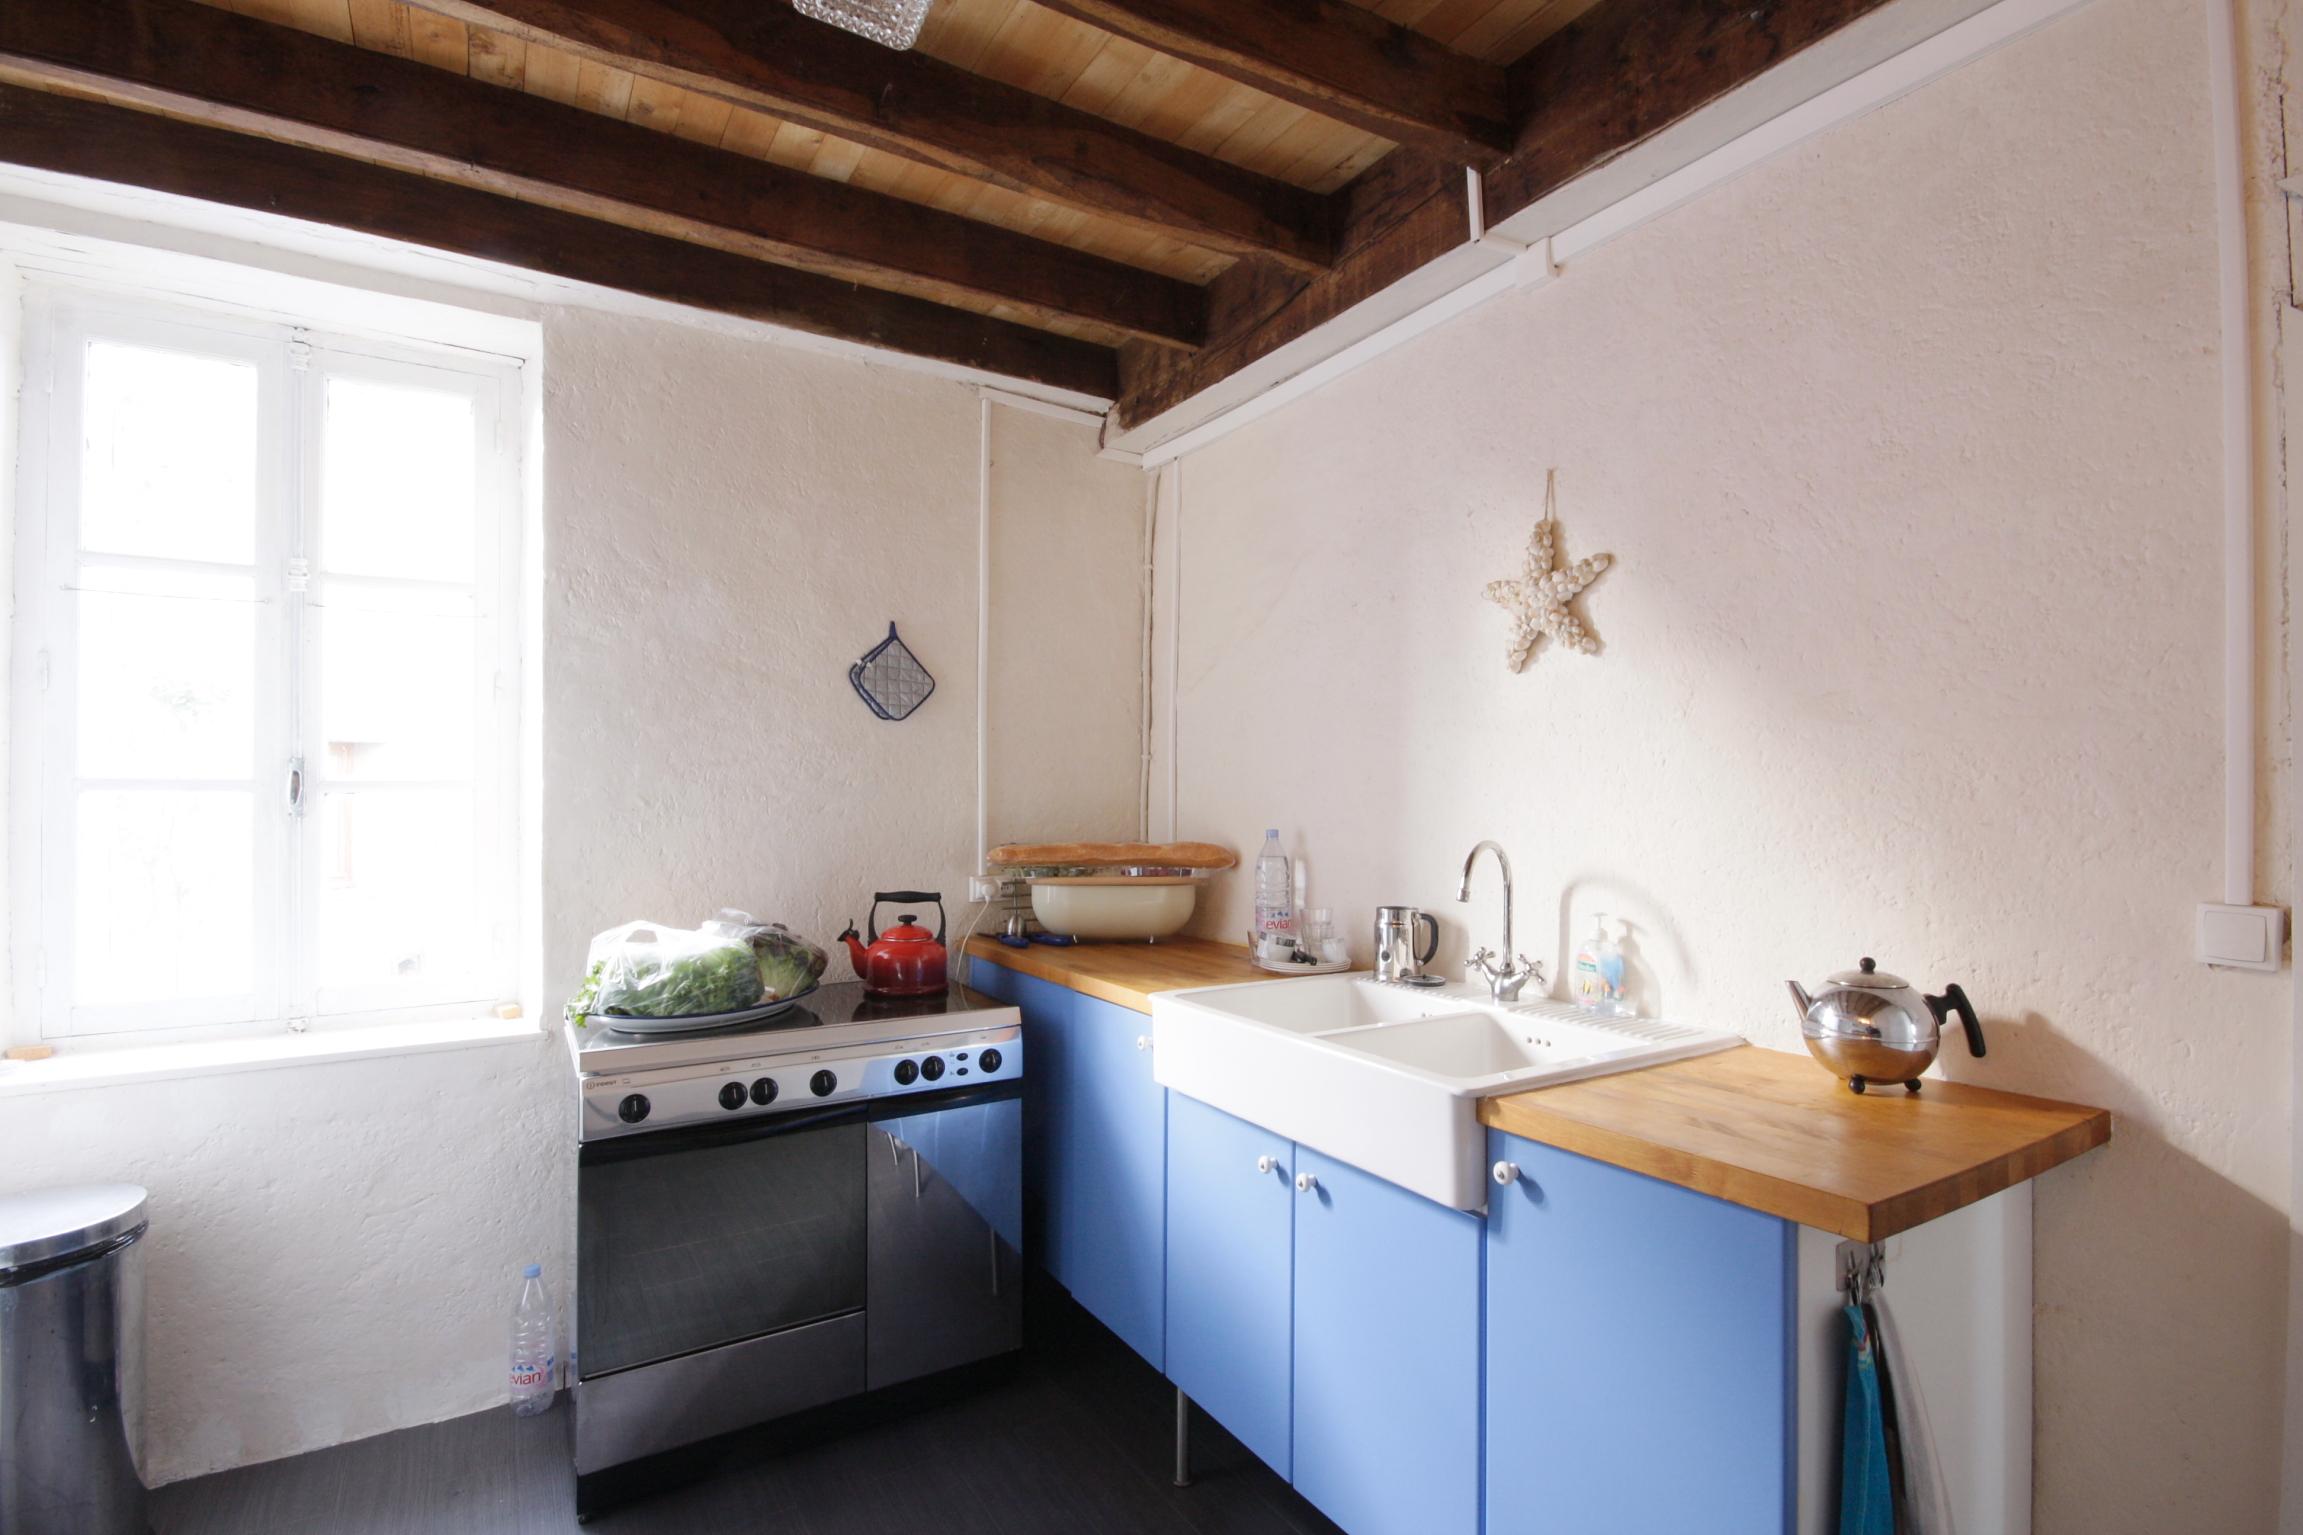 Keuken met oven